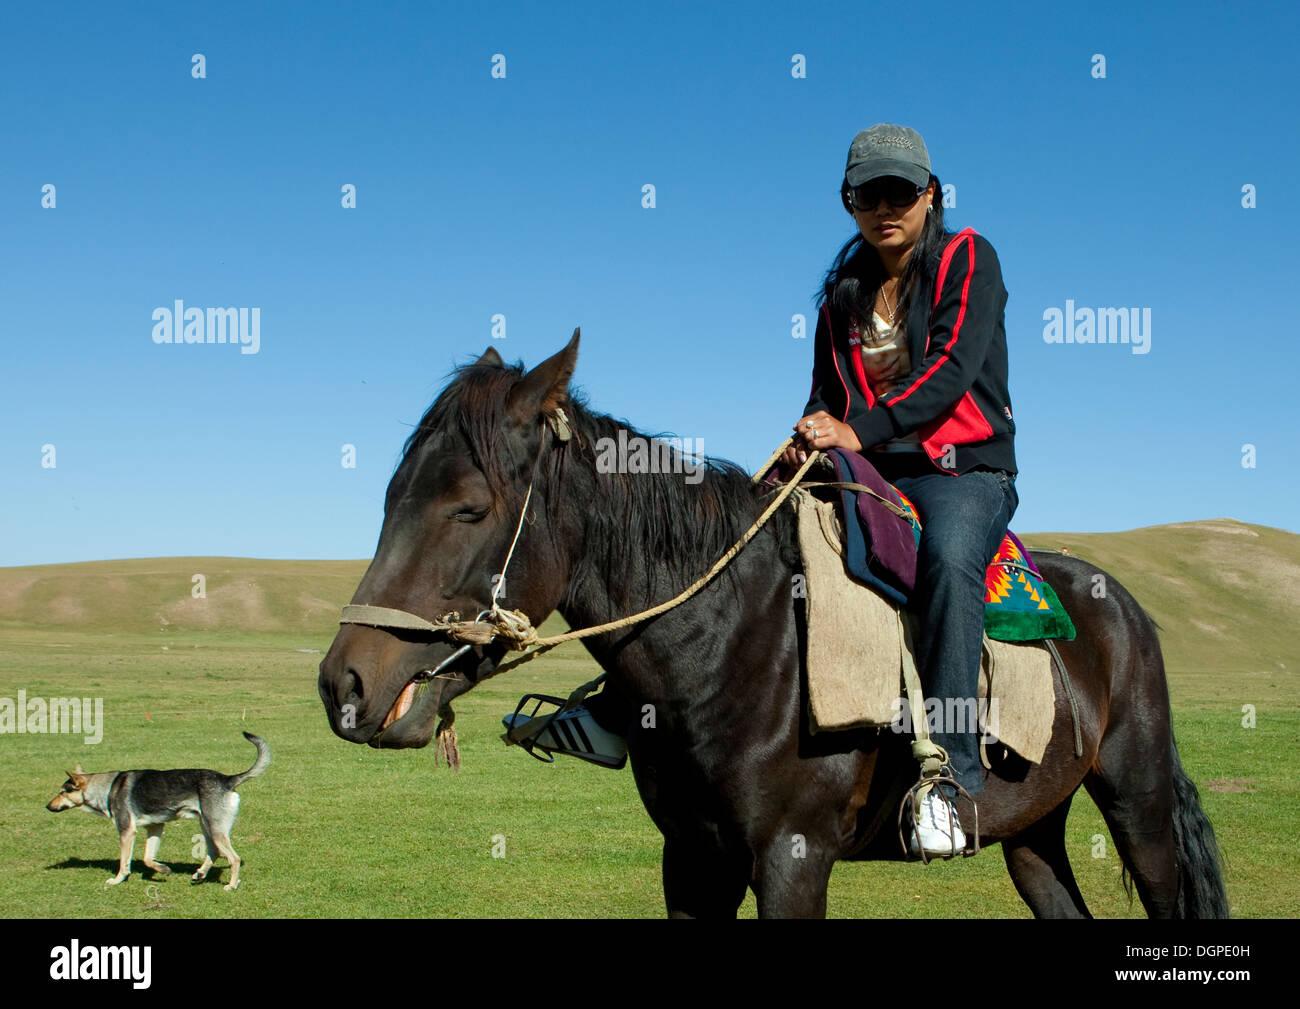 Woman With Sunglasses Riding A Horse, Jaman Echki Jailoo